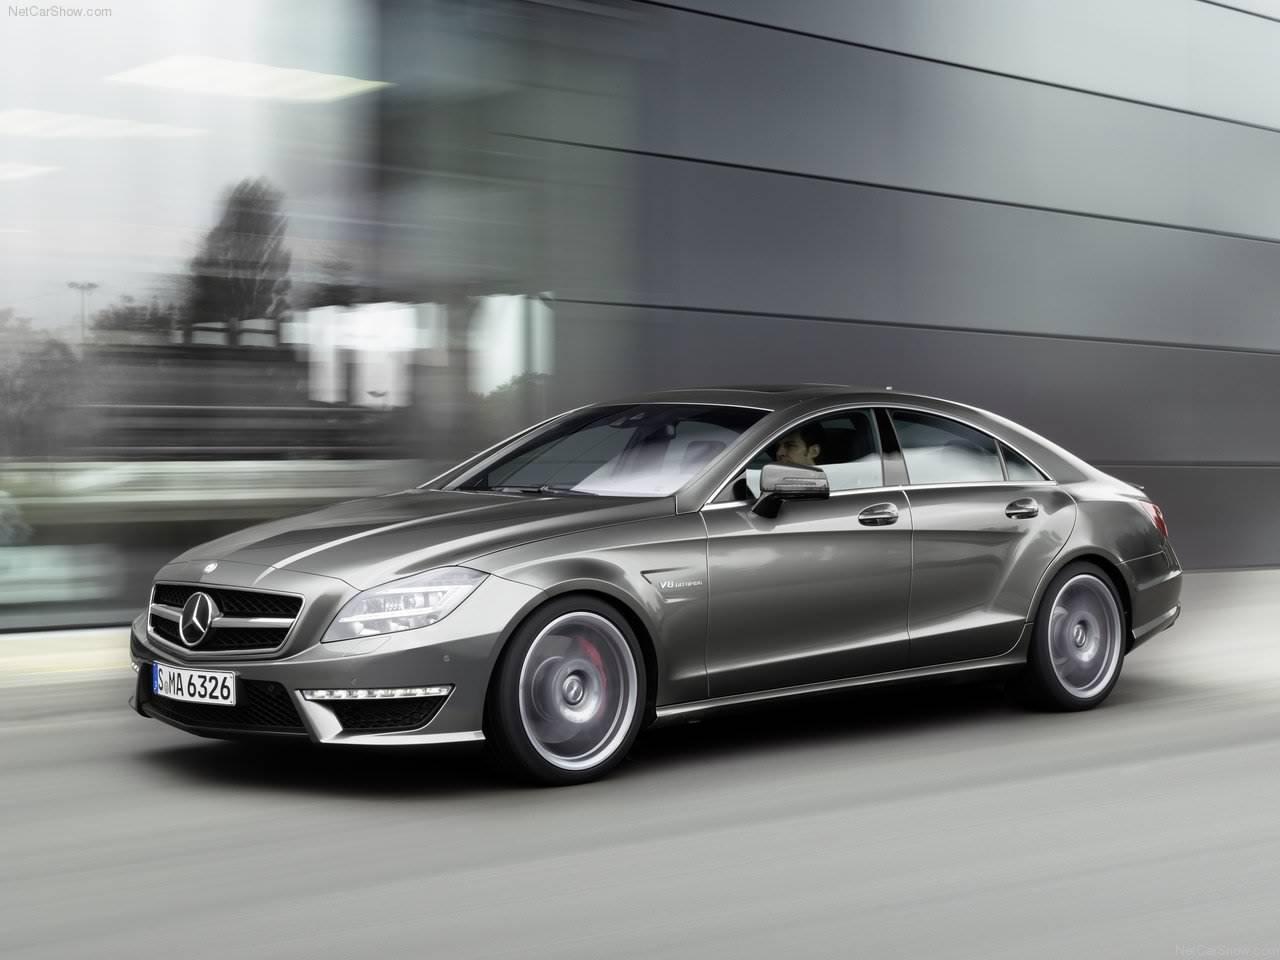 http://1.bp.blogspot.com/-KsvKGjRd3Qw/TVYmJ9eBQlI/AAAAAAAAACc/pe-MZPWrDLk/s1600/Mercedes-Benz-CLS63_AMG_2012_1280x960_wallpaper_04.jpg